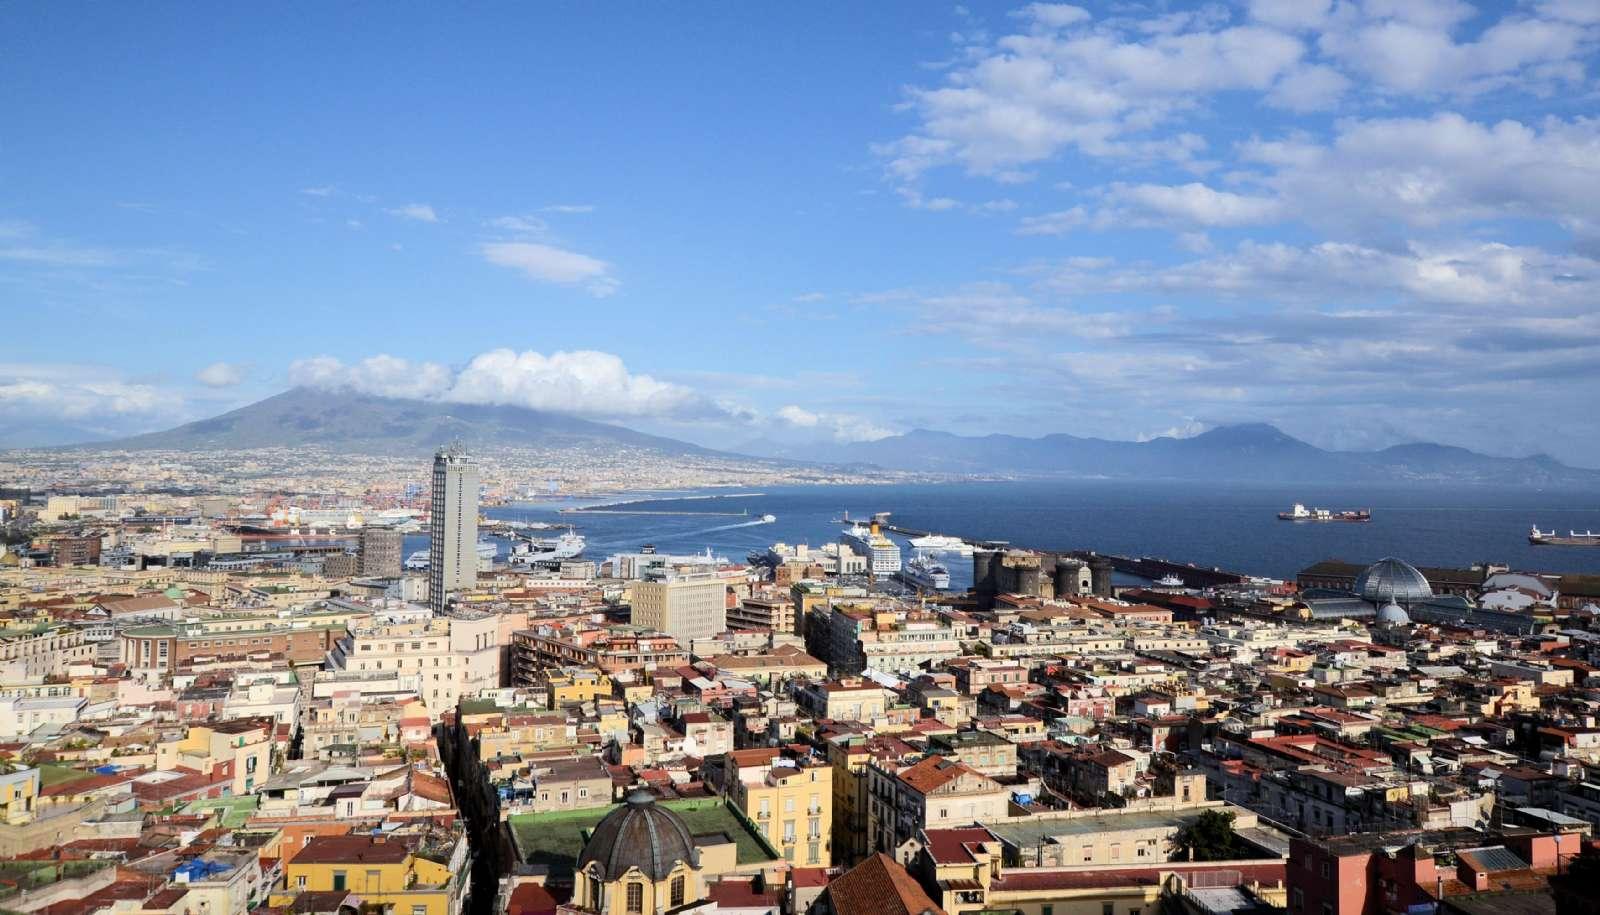 Vue sur le golfe de Naples depuis le quartier Vomero